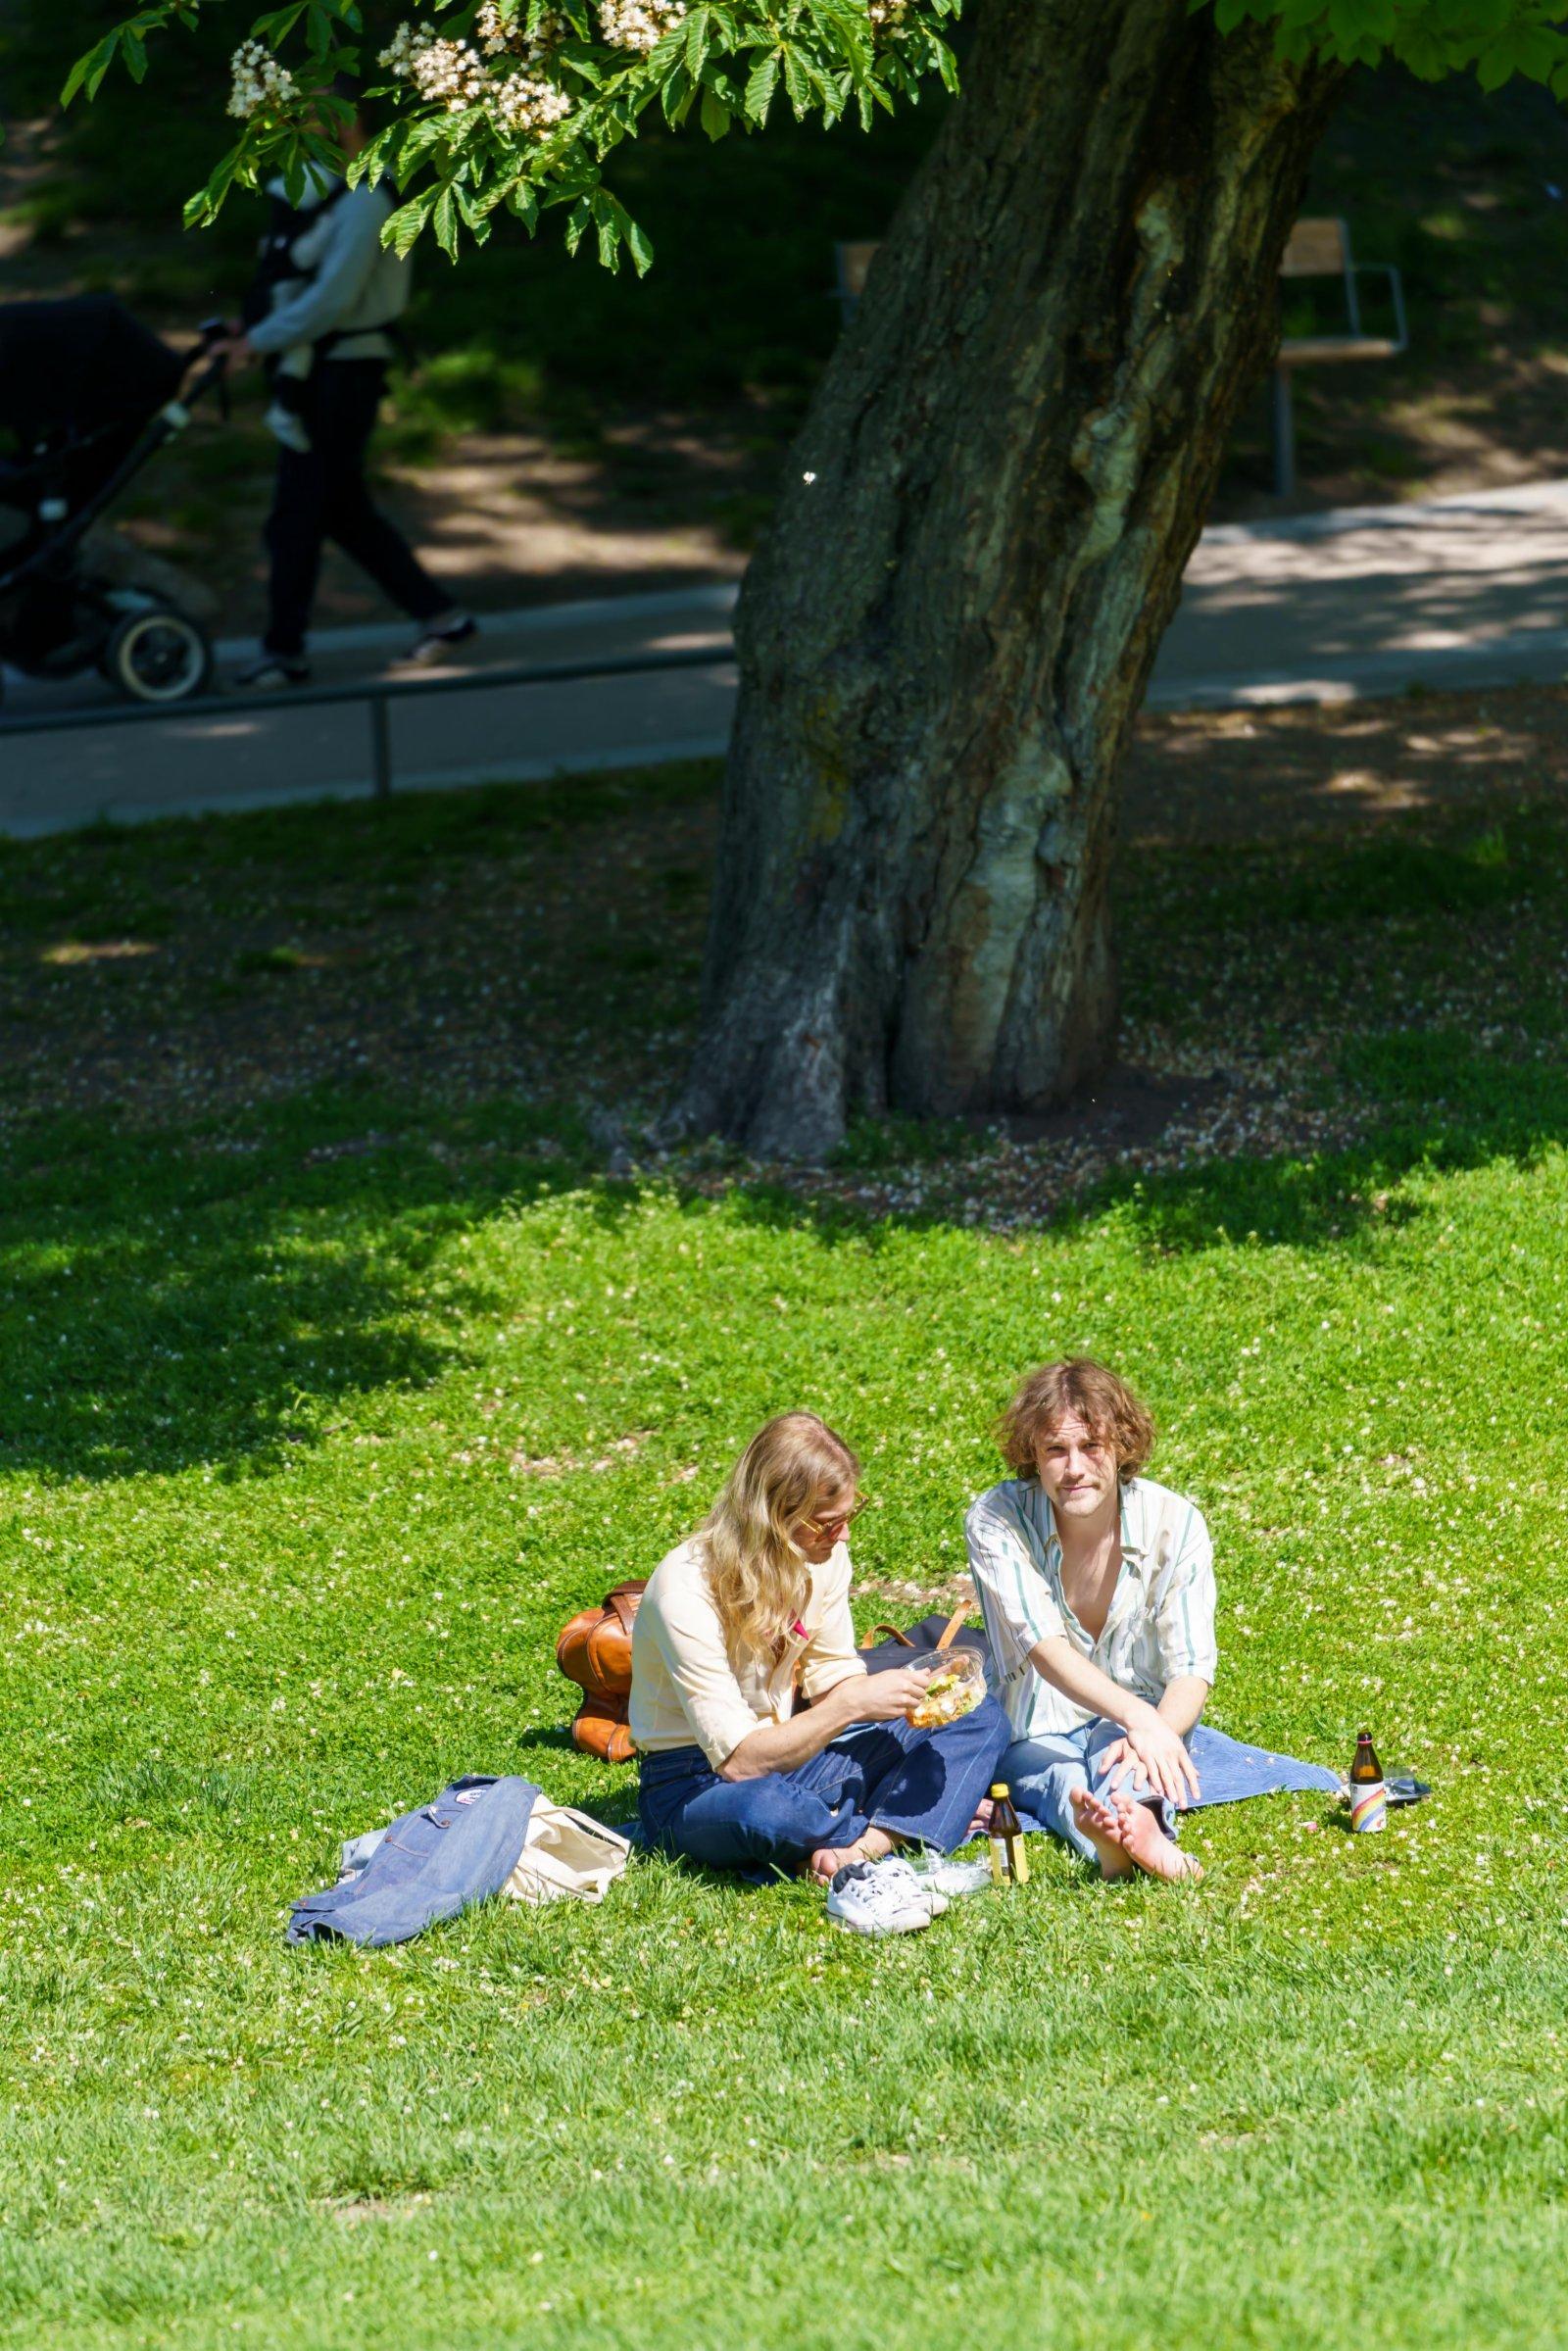 6月1日,人們在瑞典斯德哥爾摩一處公園的草坪上休閒。(新華社)